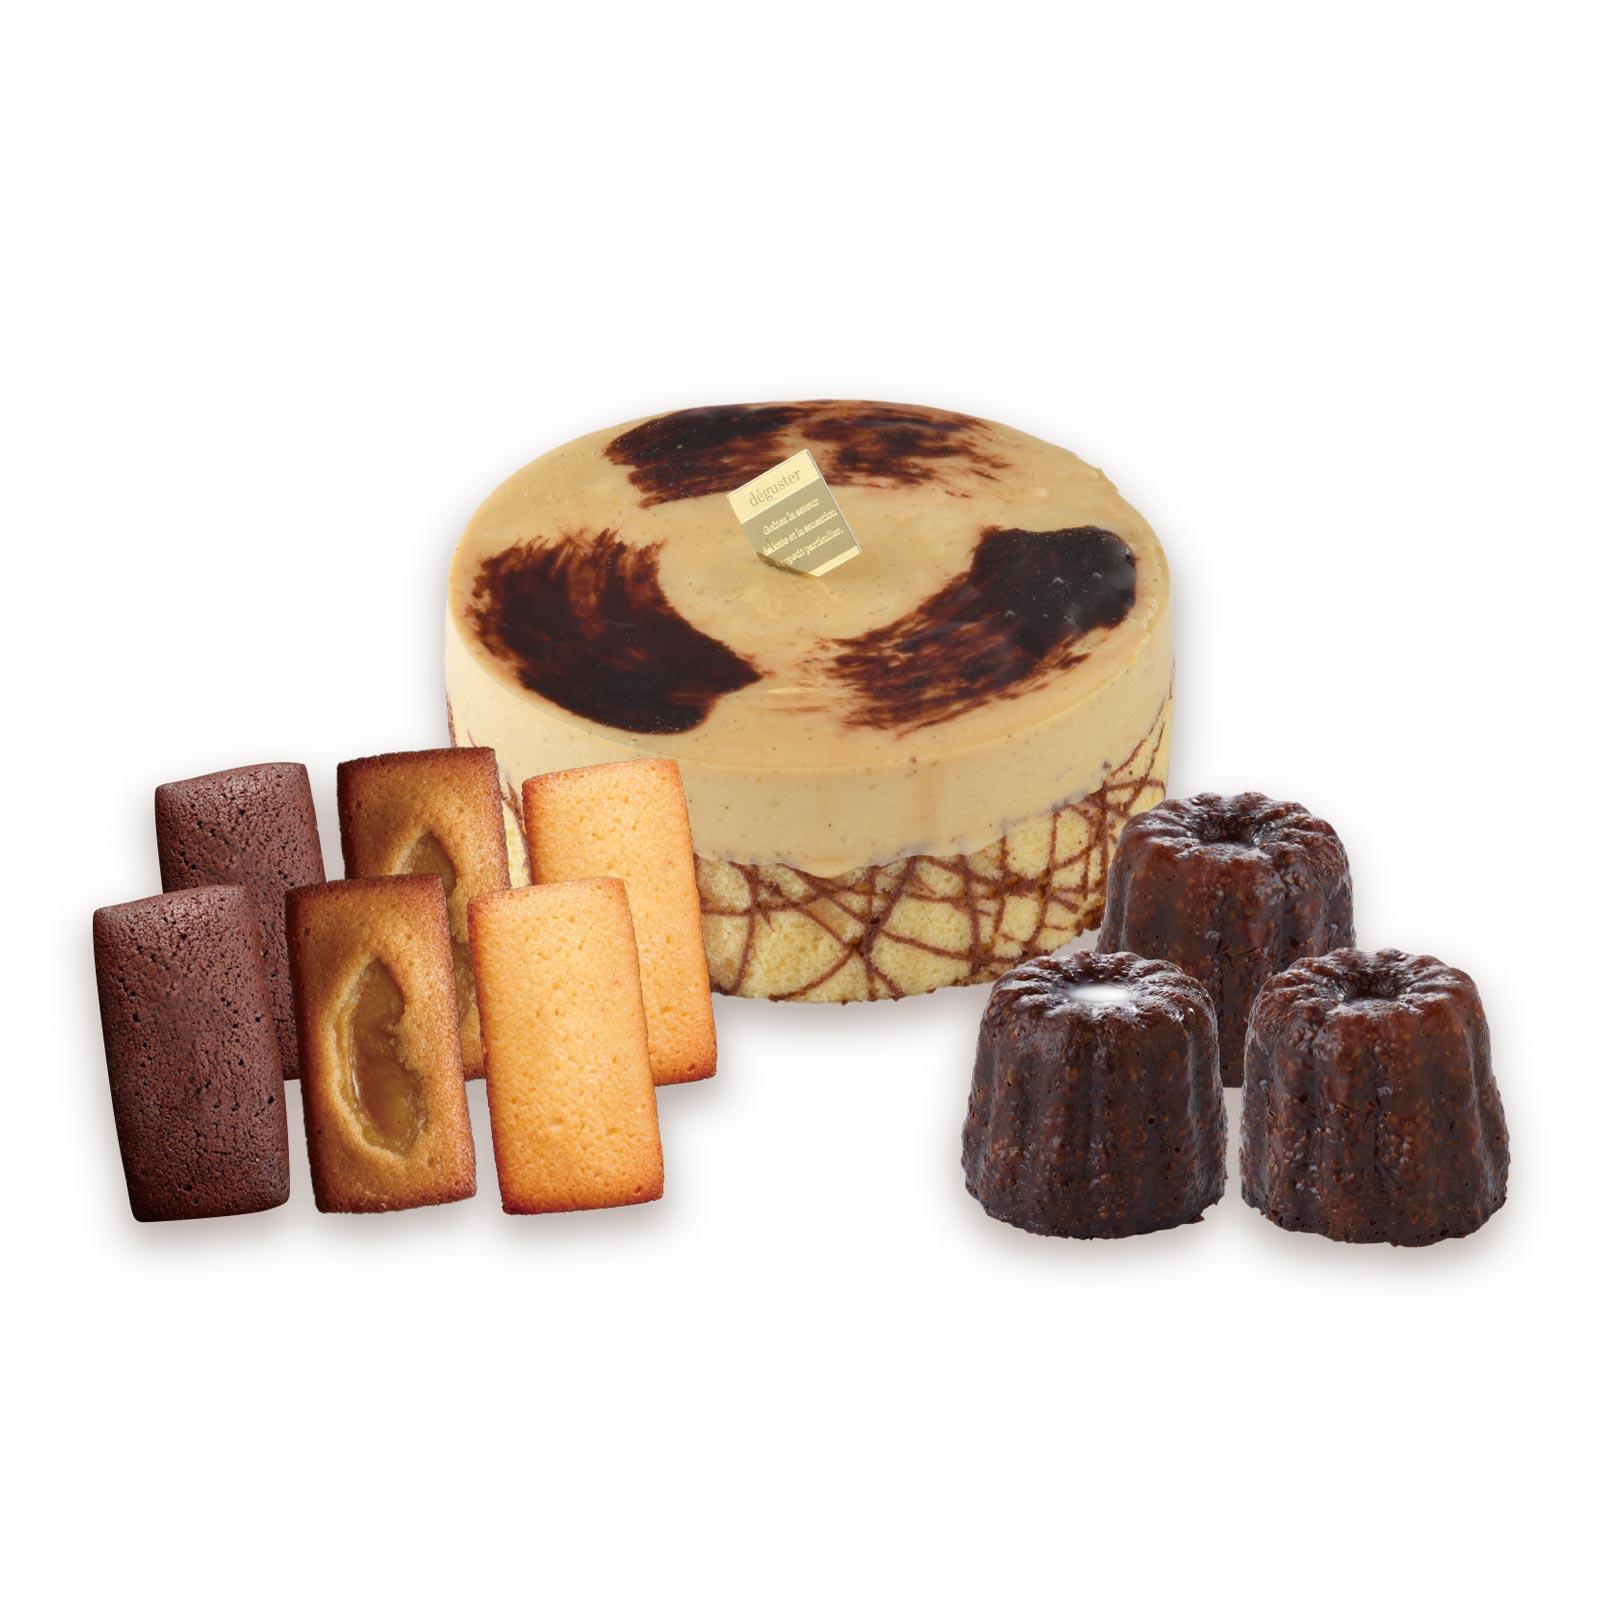 濃厚でなめらかな和栗のケーキと和栗デニッシュ、ラム酒とバニラが香るカヌレを詰め合わせた、スイーツ好きにおすすめの秋限定ギフトセット